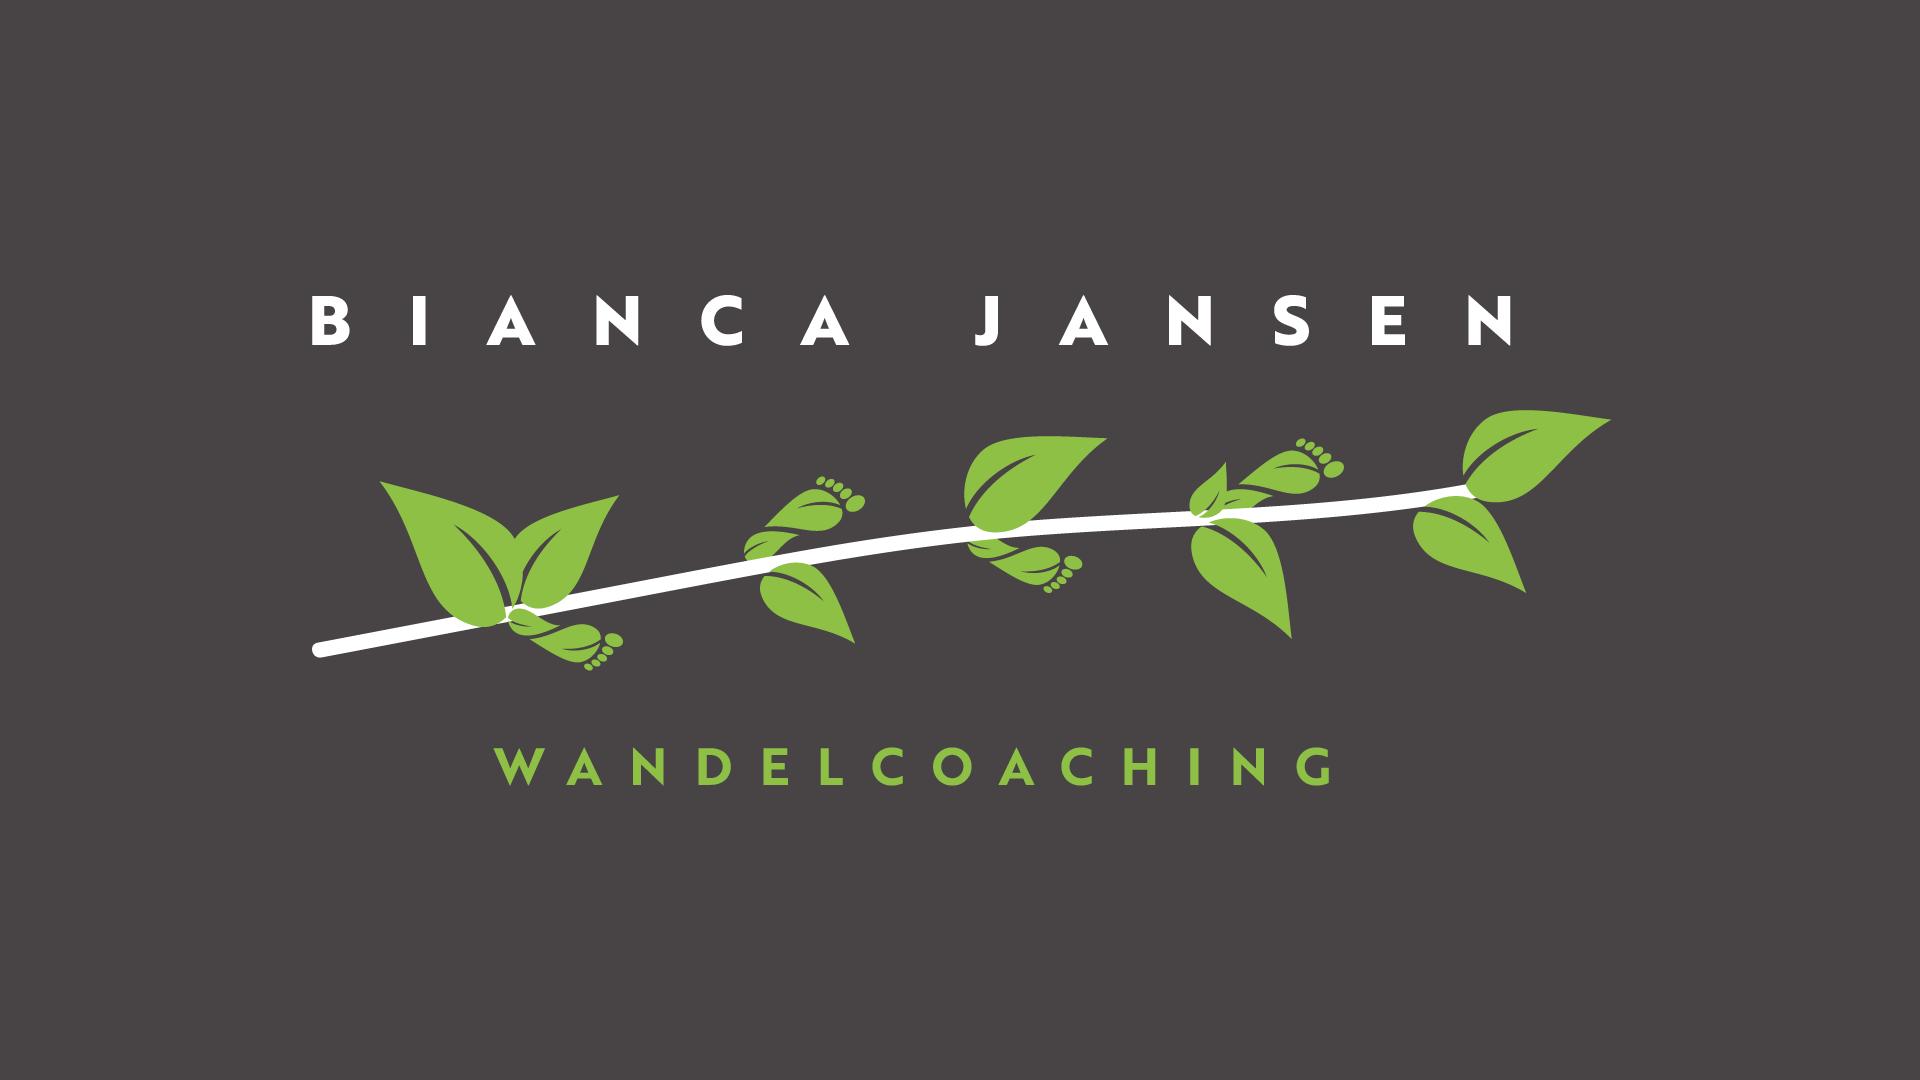 Bianca Jansen Wandelcoaching logo